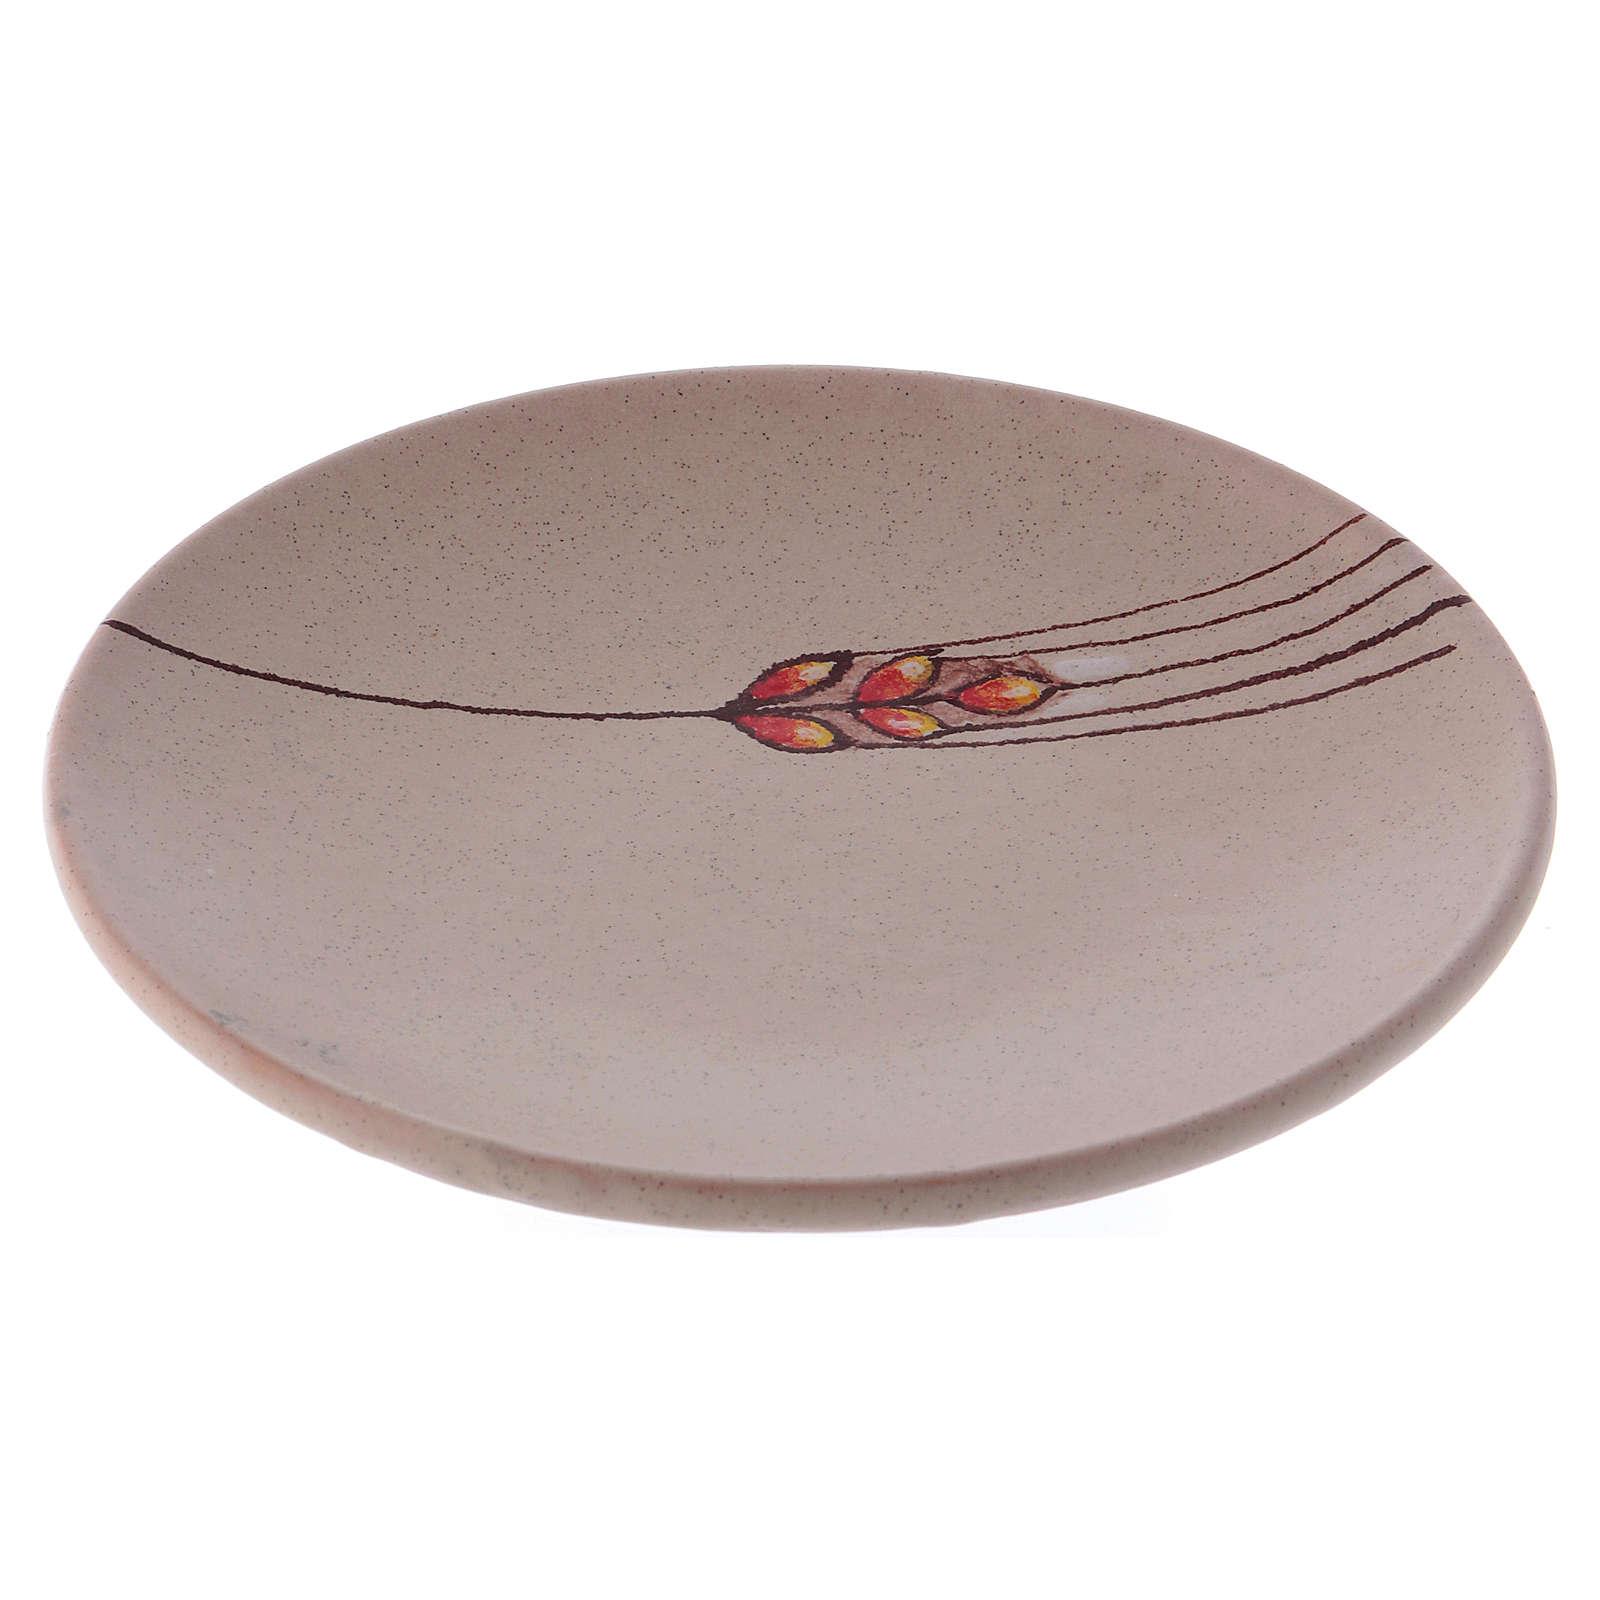 Assiette couvre calice en céramique beige 4